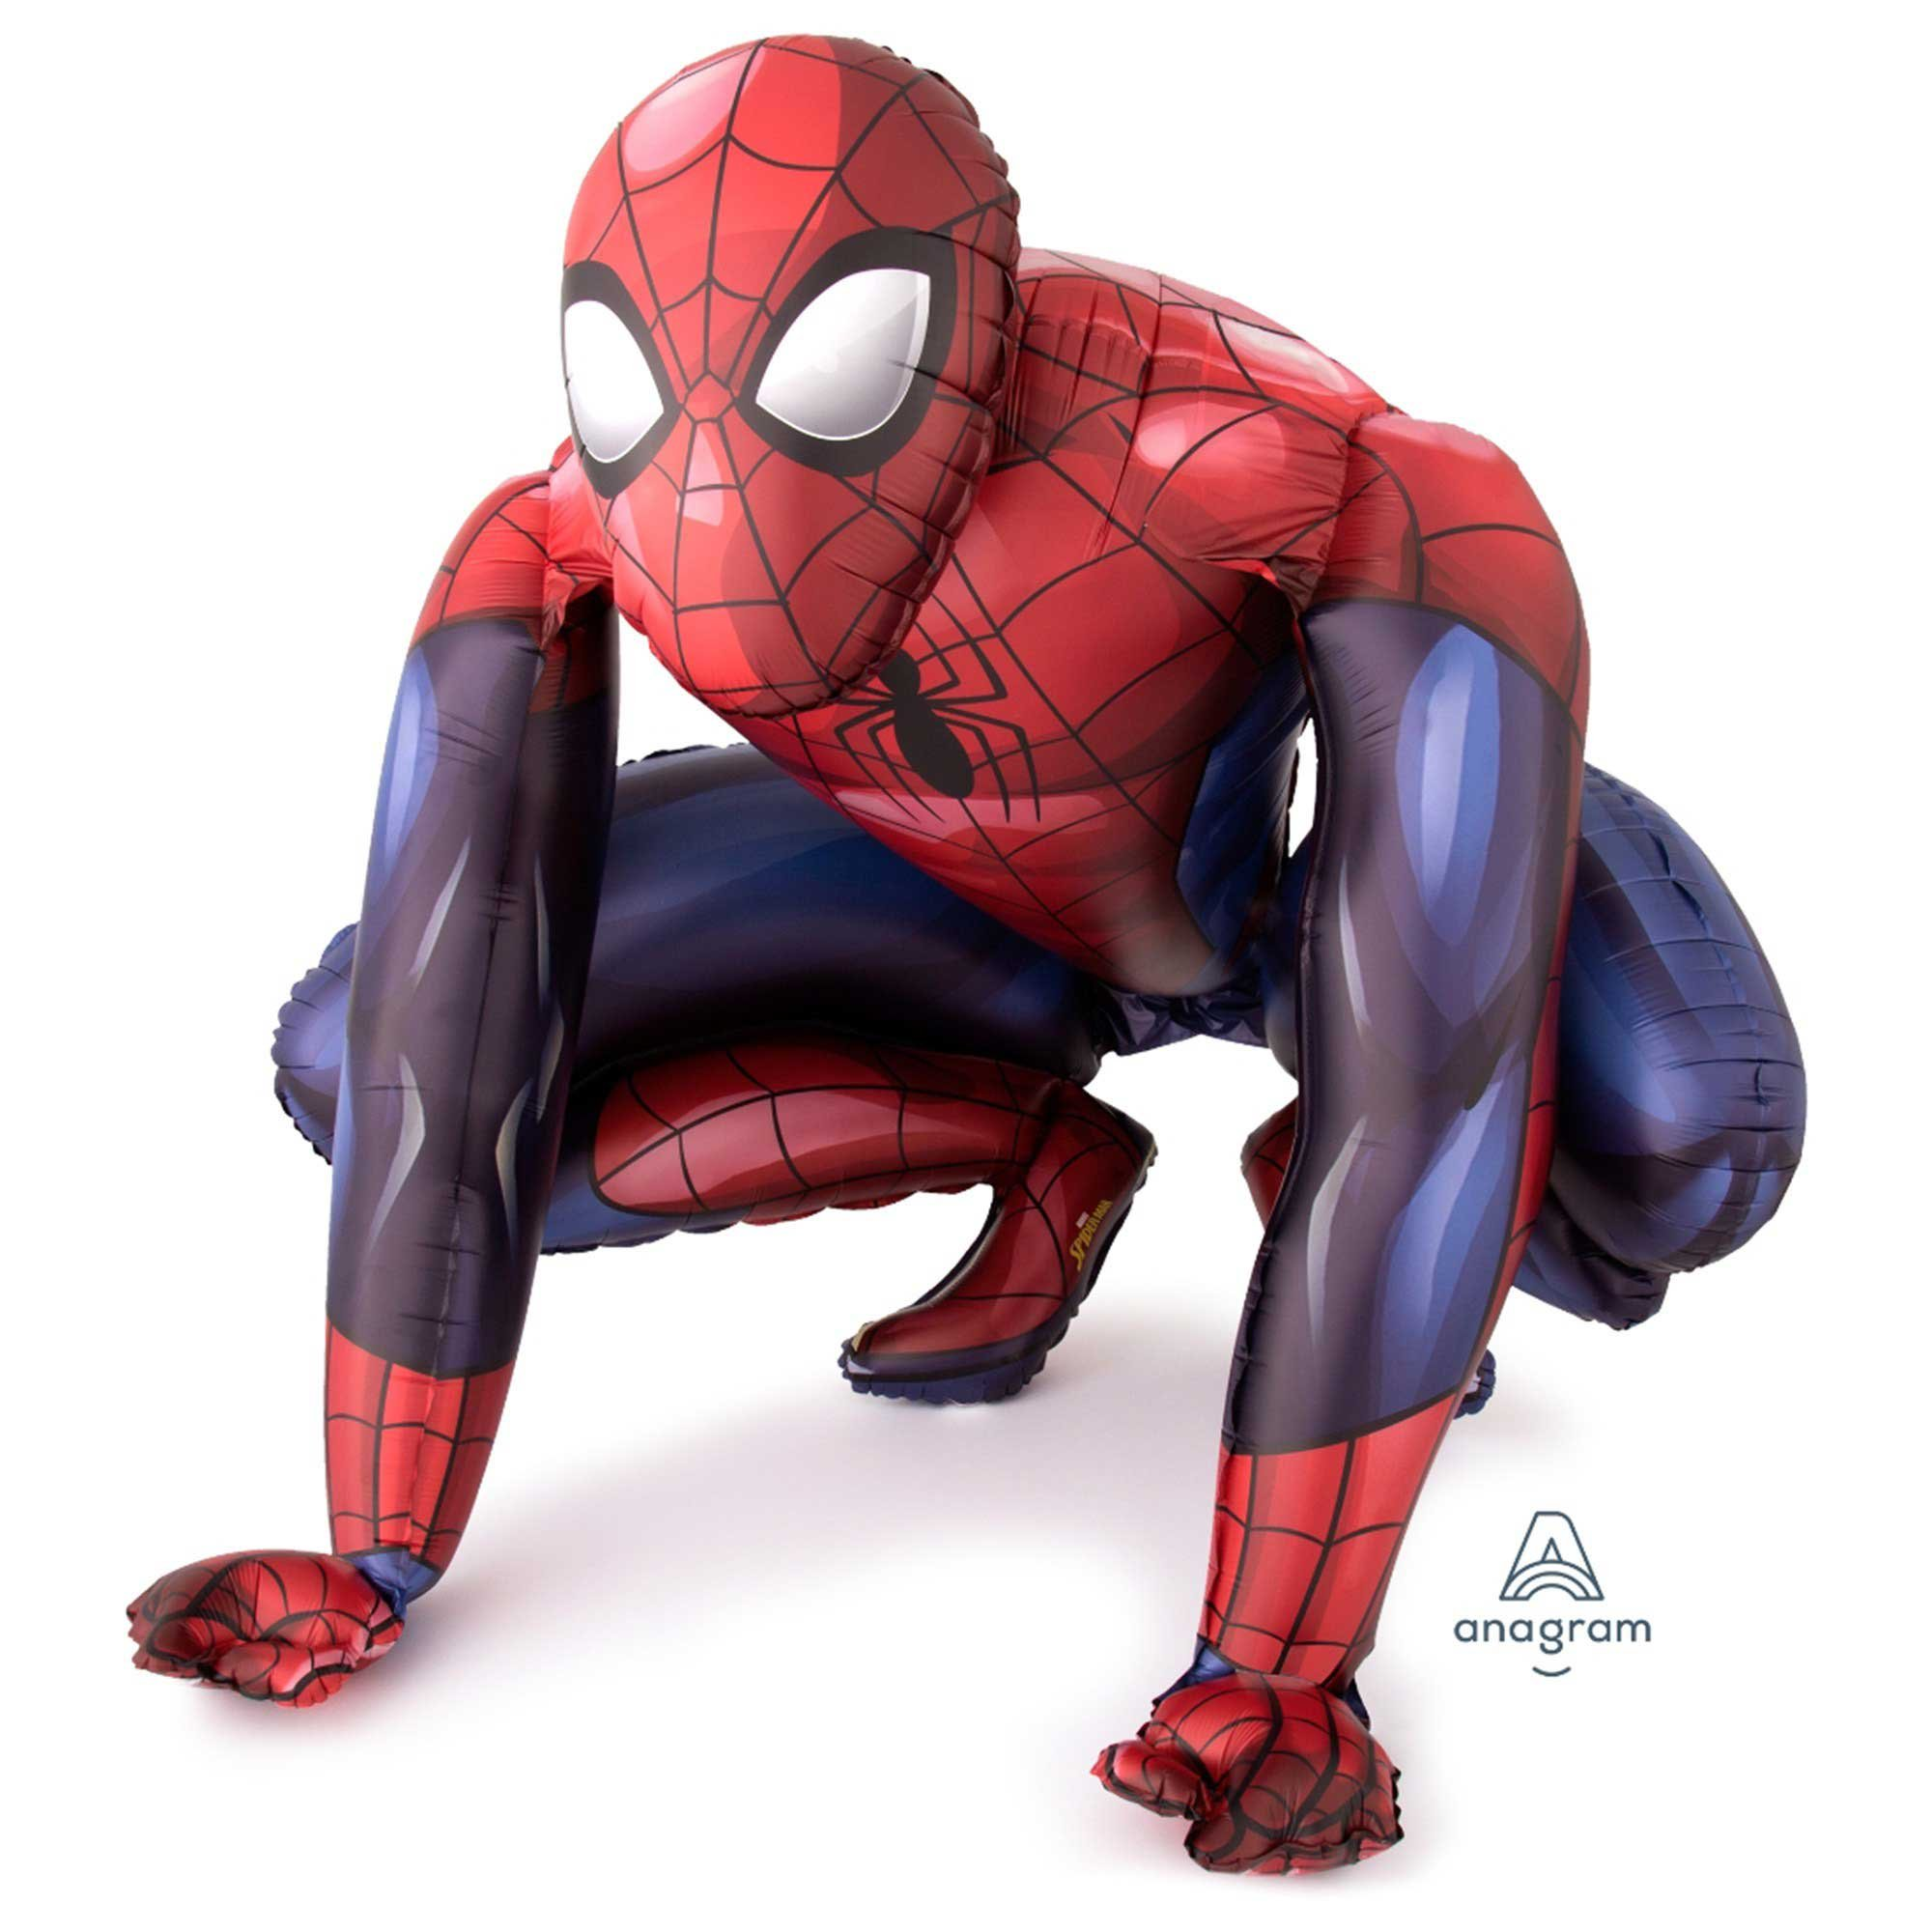 Airwalker Spiderman Animated P93